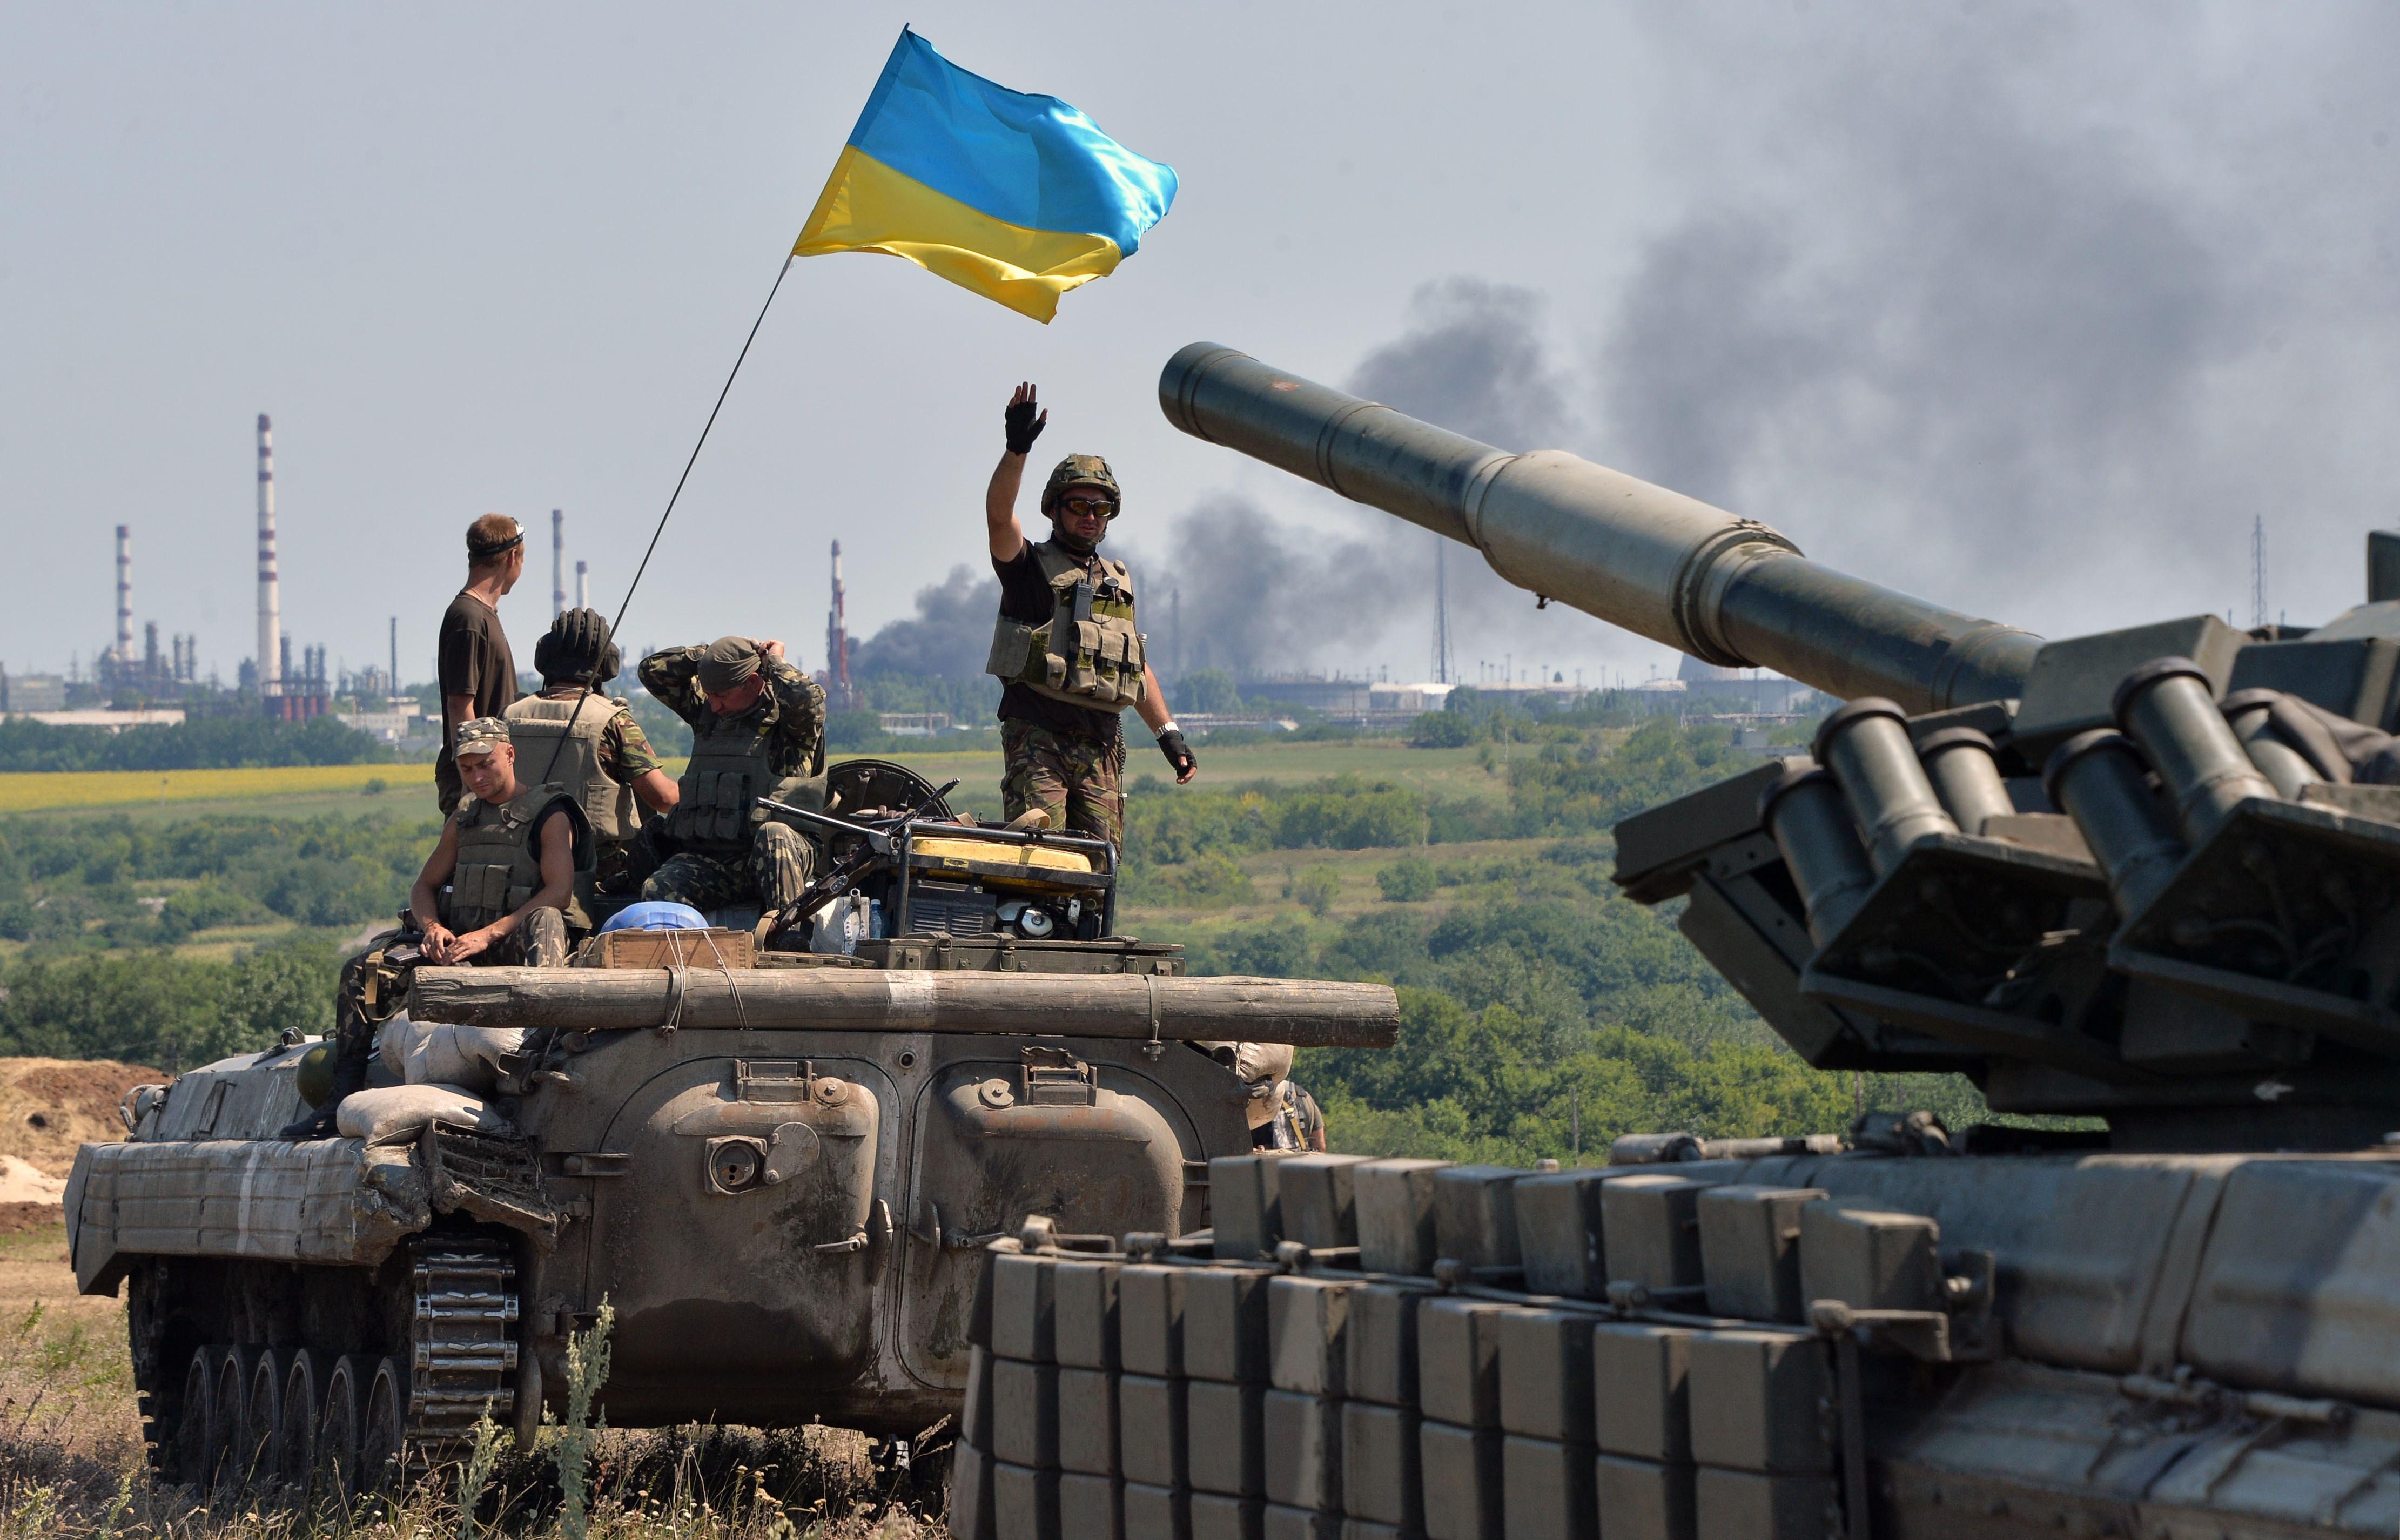 ДНР, ЛНР, Уманец, Путин, Донбасс, военный, армия, переговоры